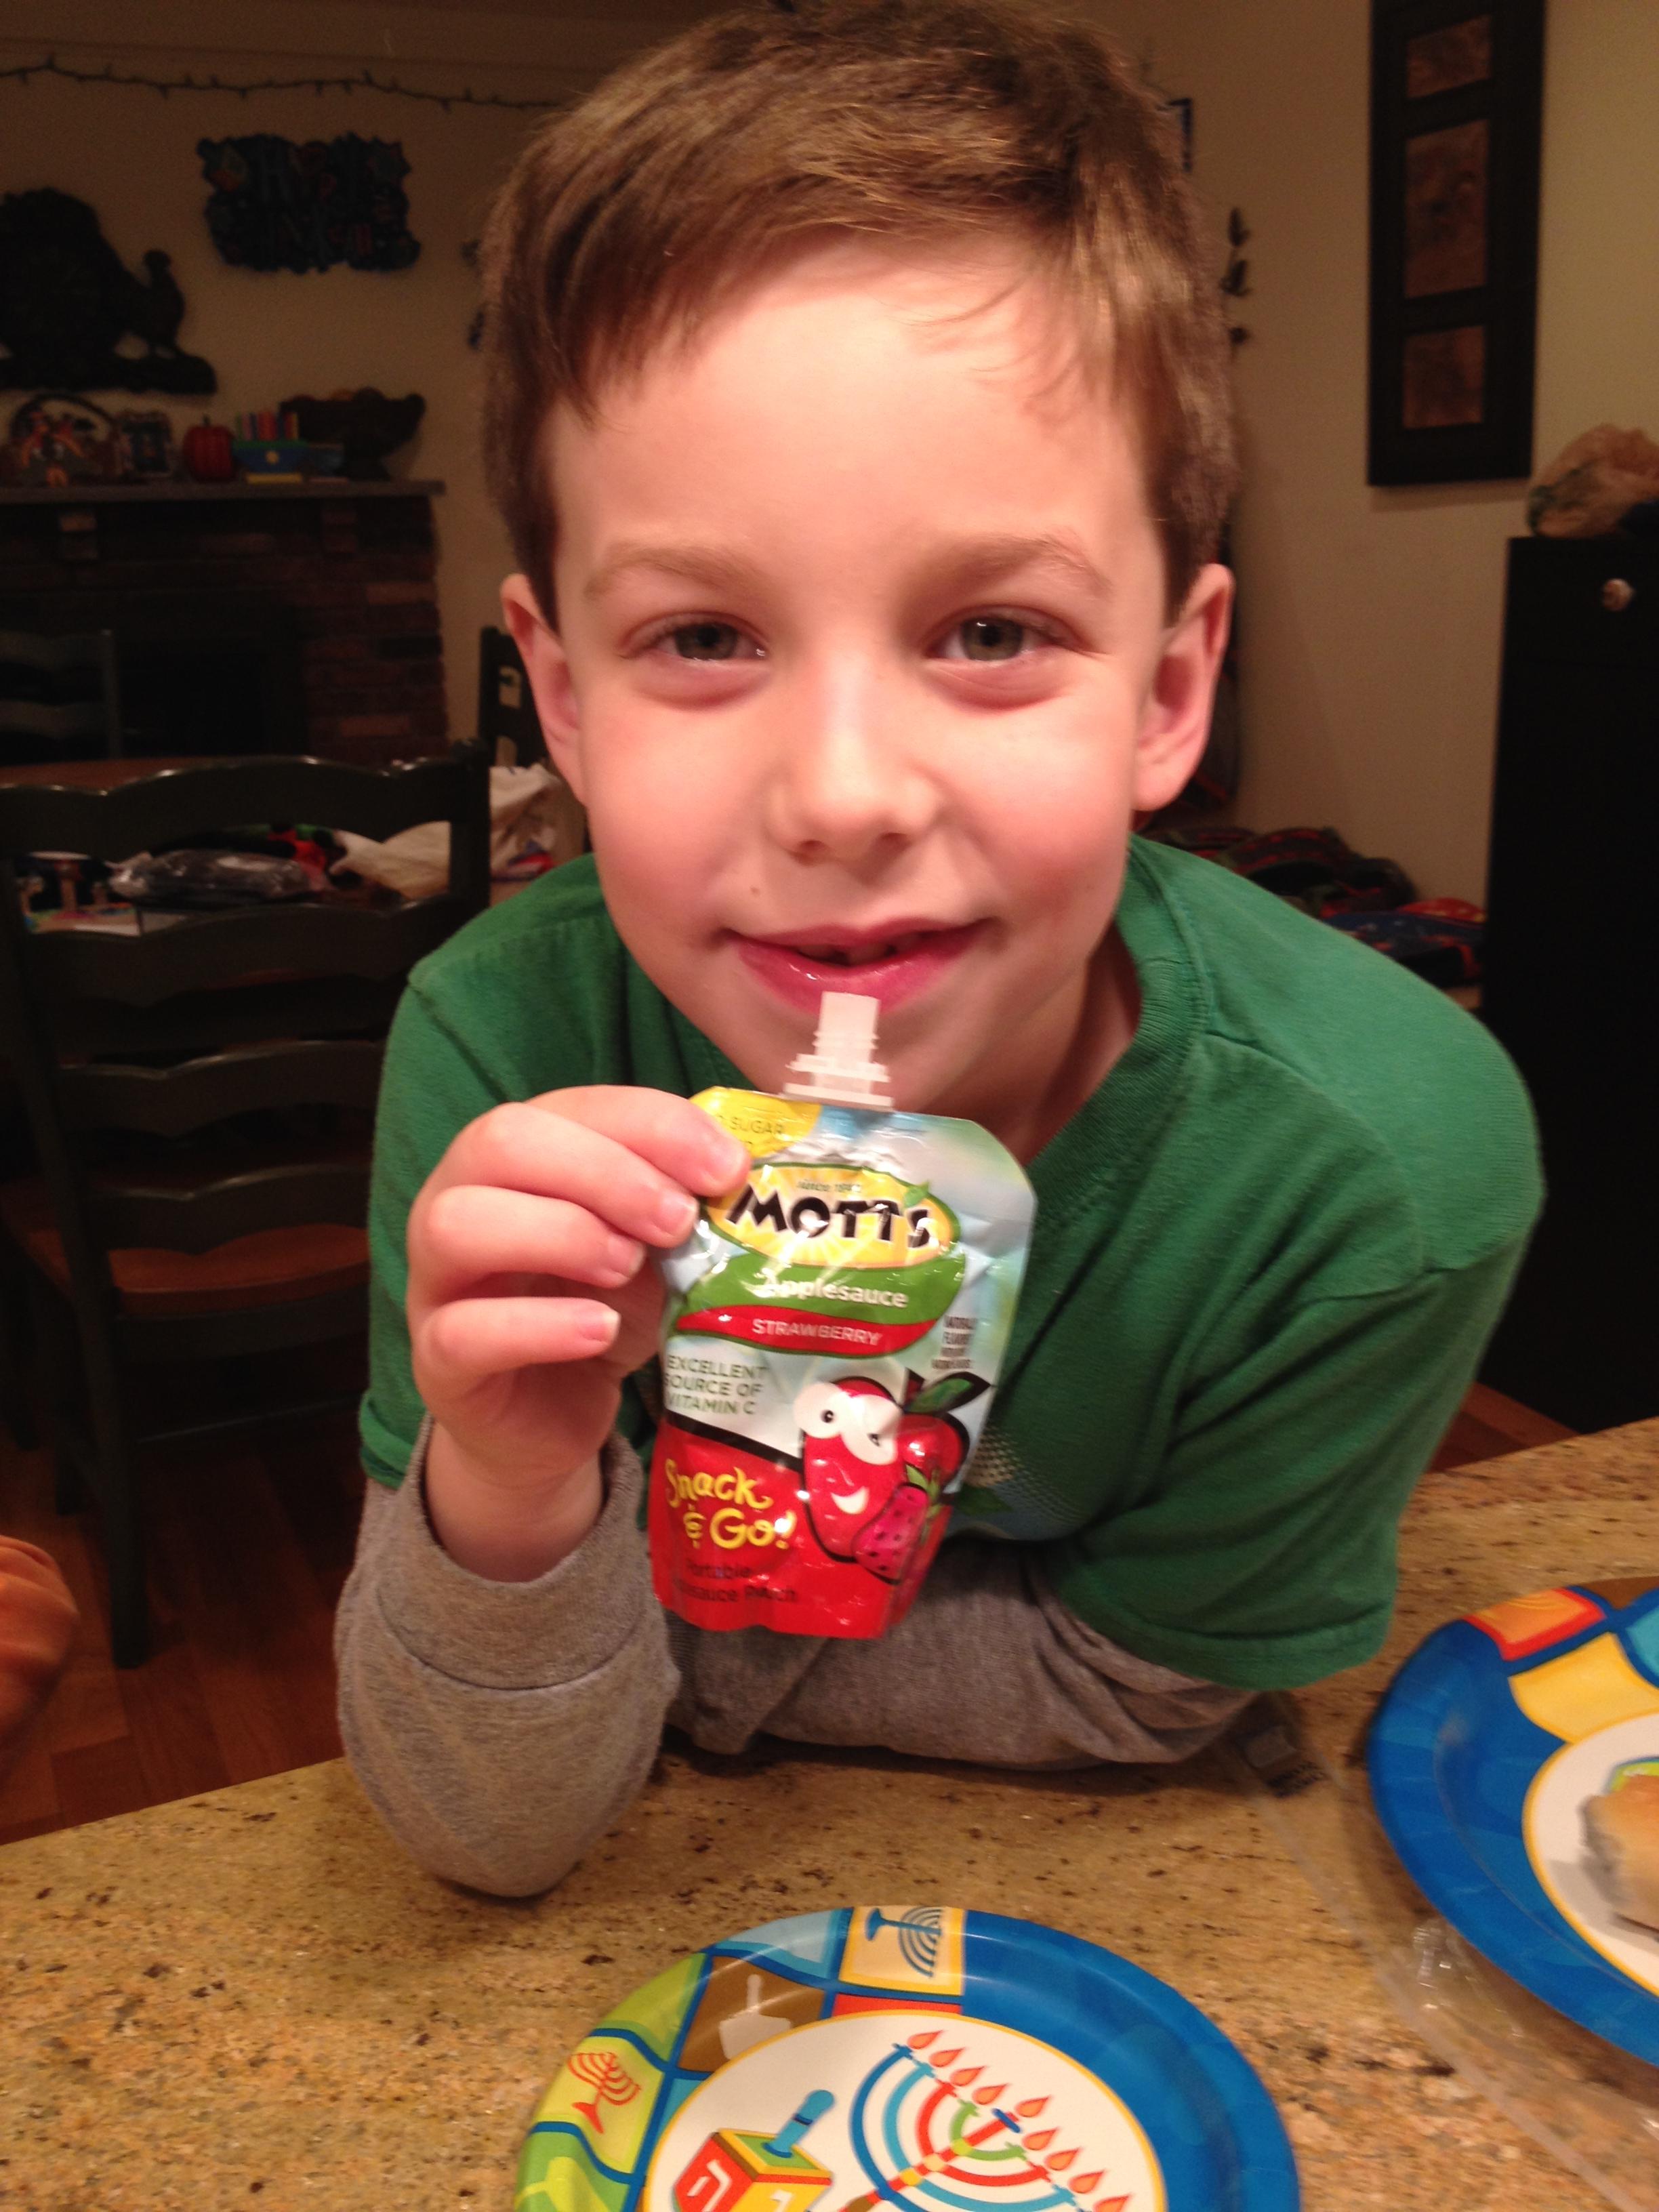 Mott's Snack & Go Strawberry applesauce